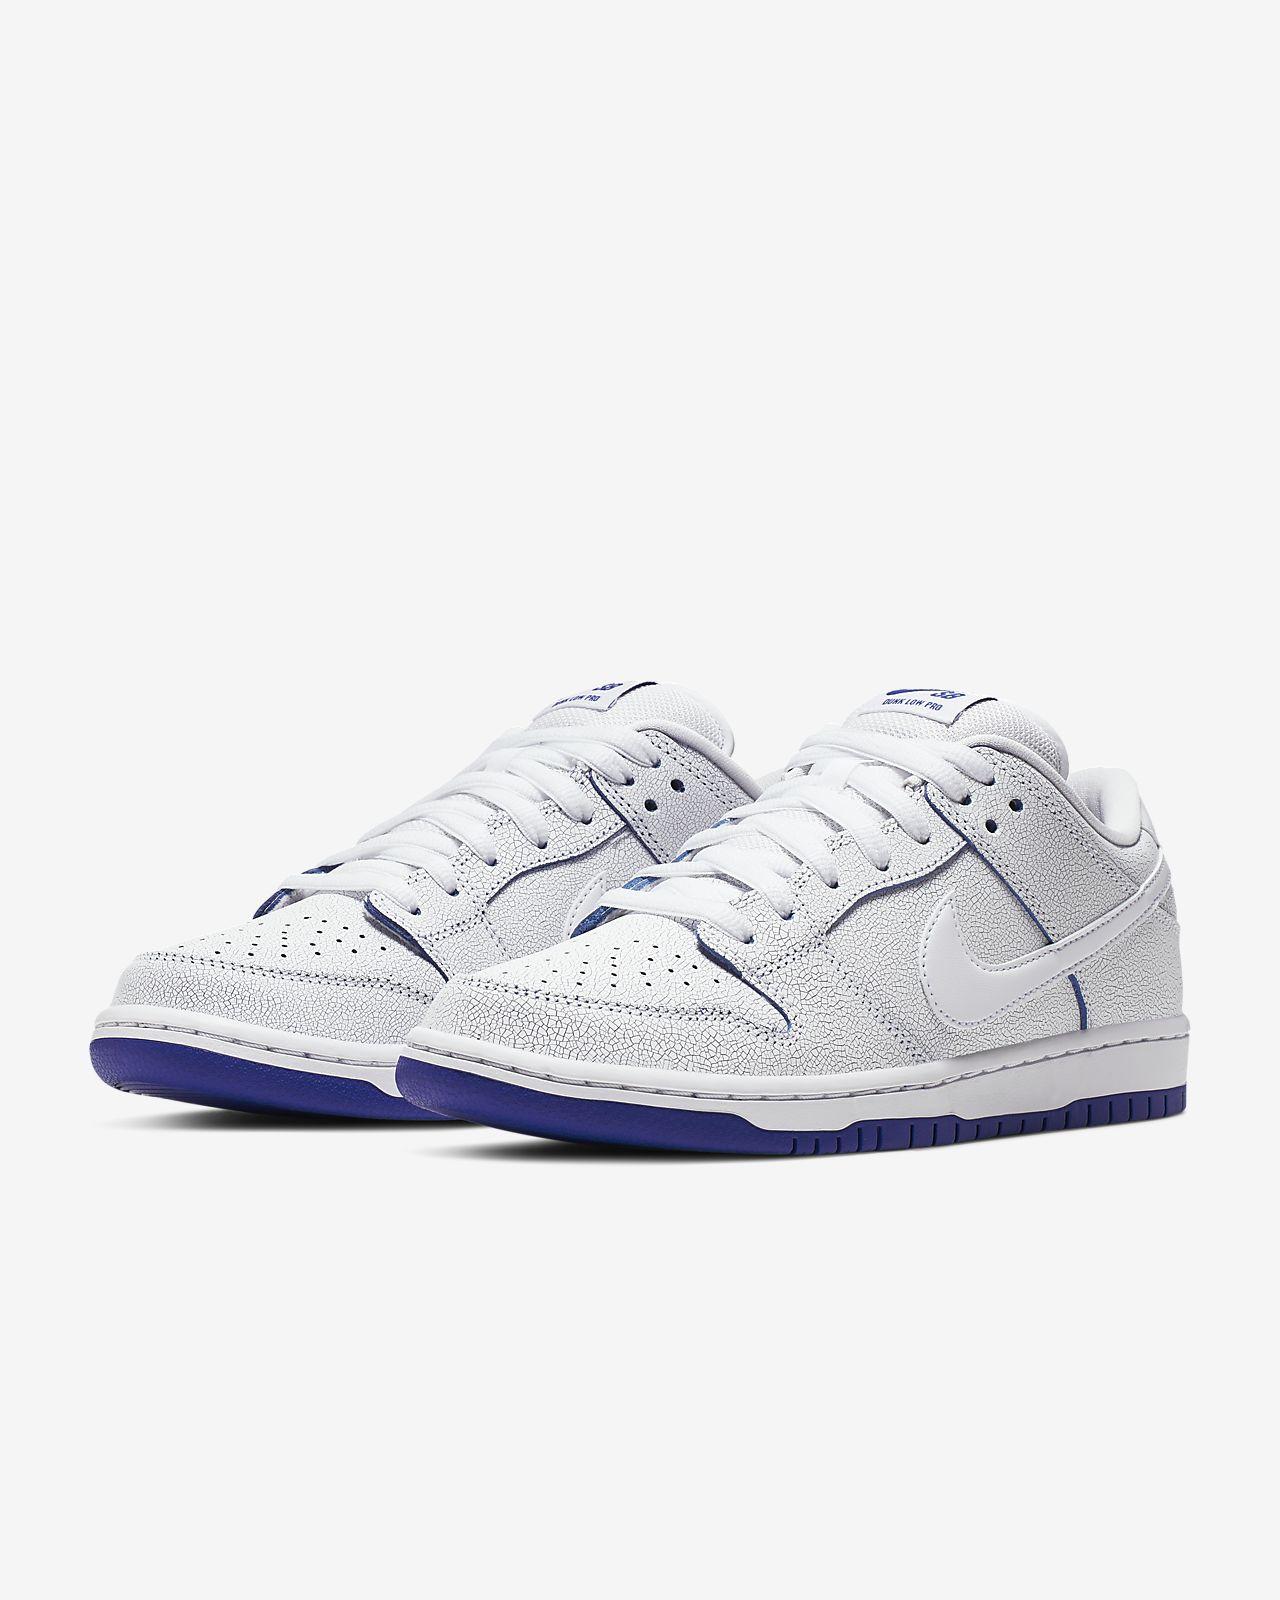 buy online 0a1dc 7ff57 Nike SB Dunk Low Pro Premium Skate Shoe